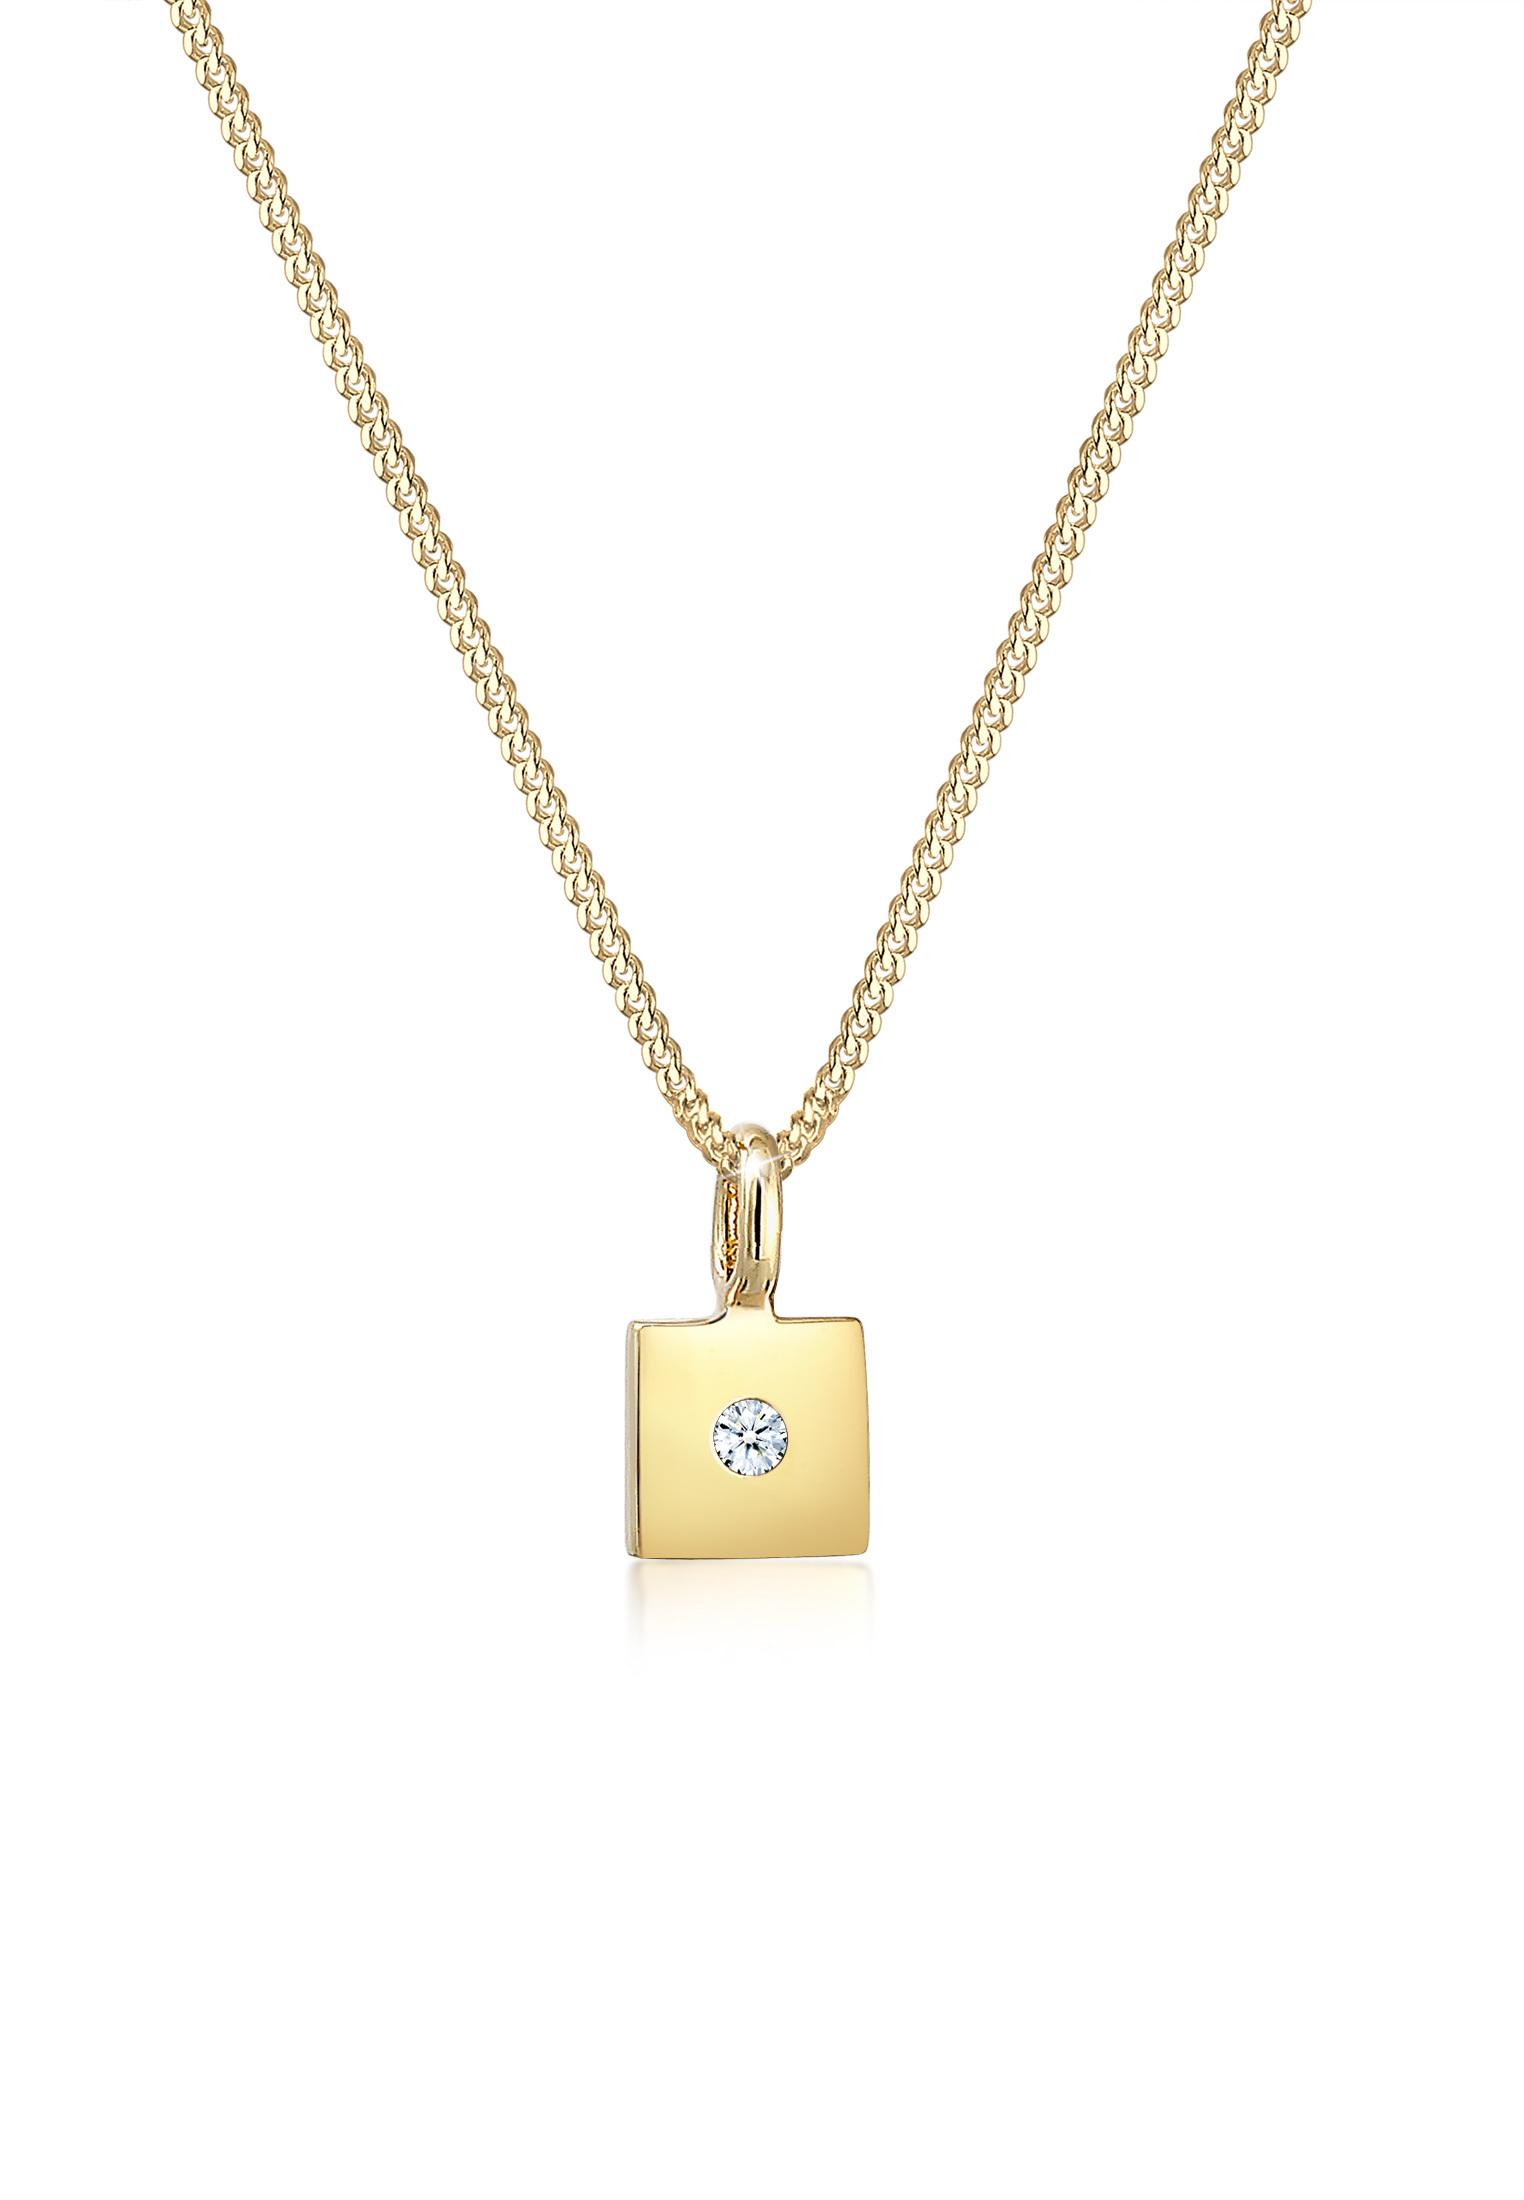 Halskette Viereck   Diamant ( Weiß, 0,015 ct )   585 Gelbgold